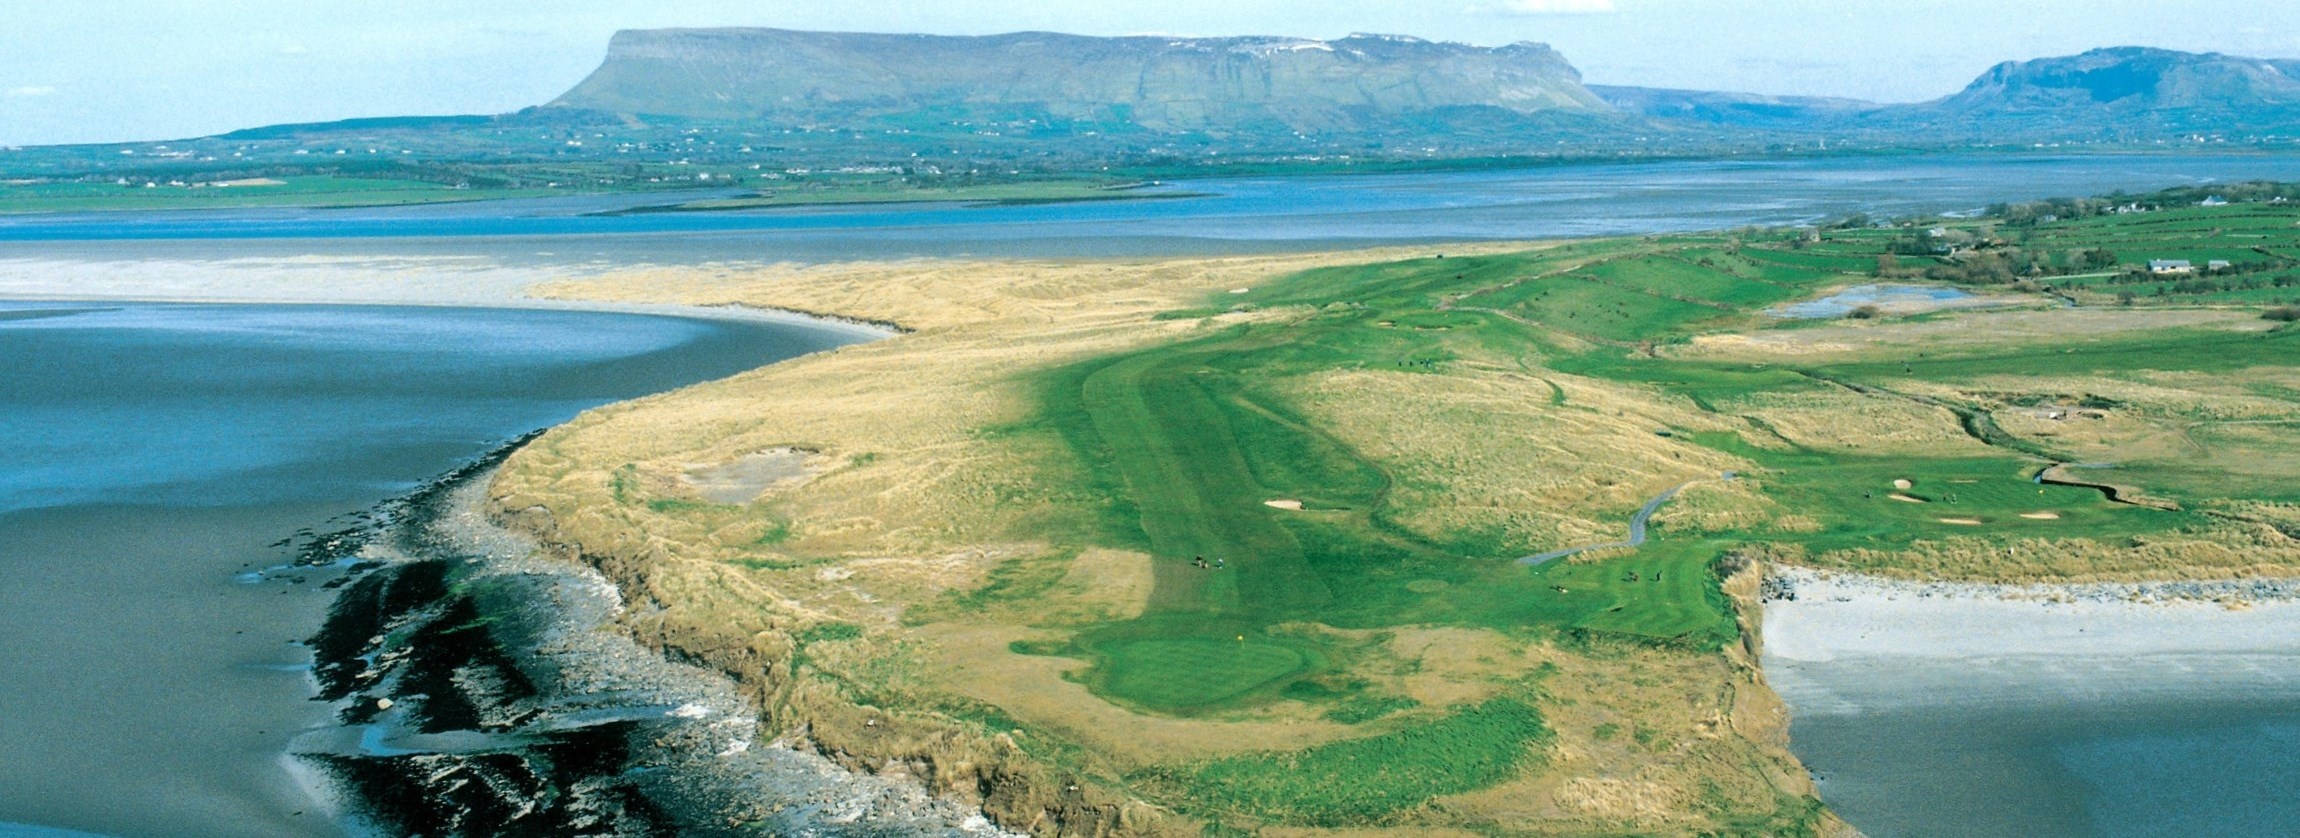 The County Sligo Golf Club, Ireland